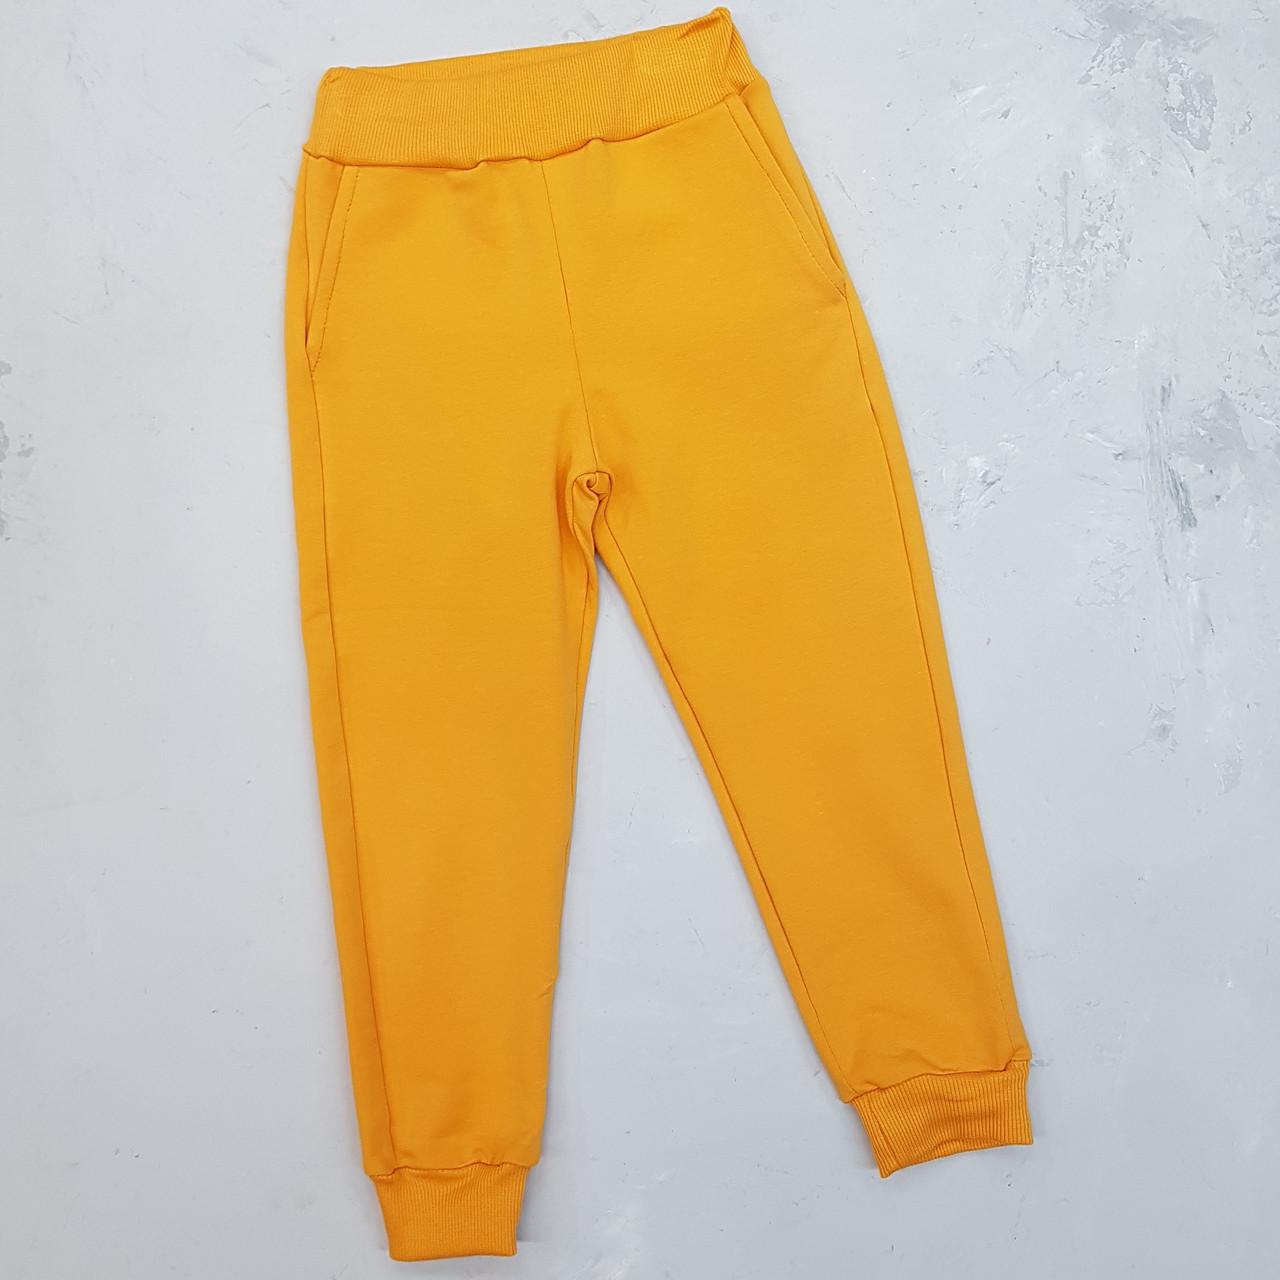 Дитячі спортивні штани для дівчинки жовті